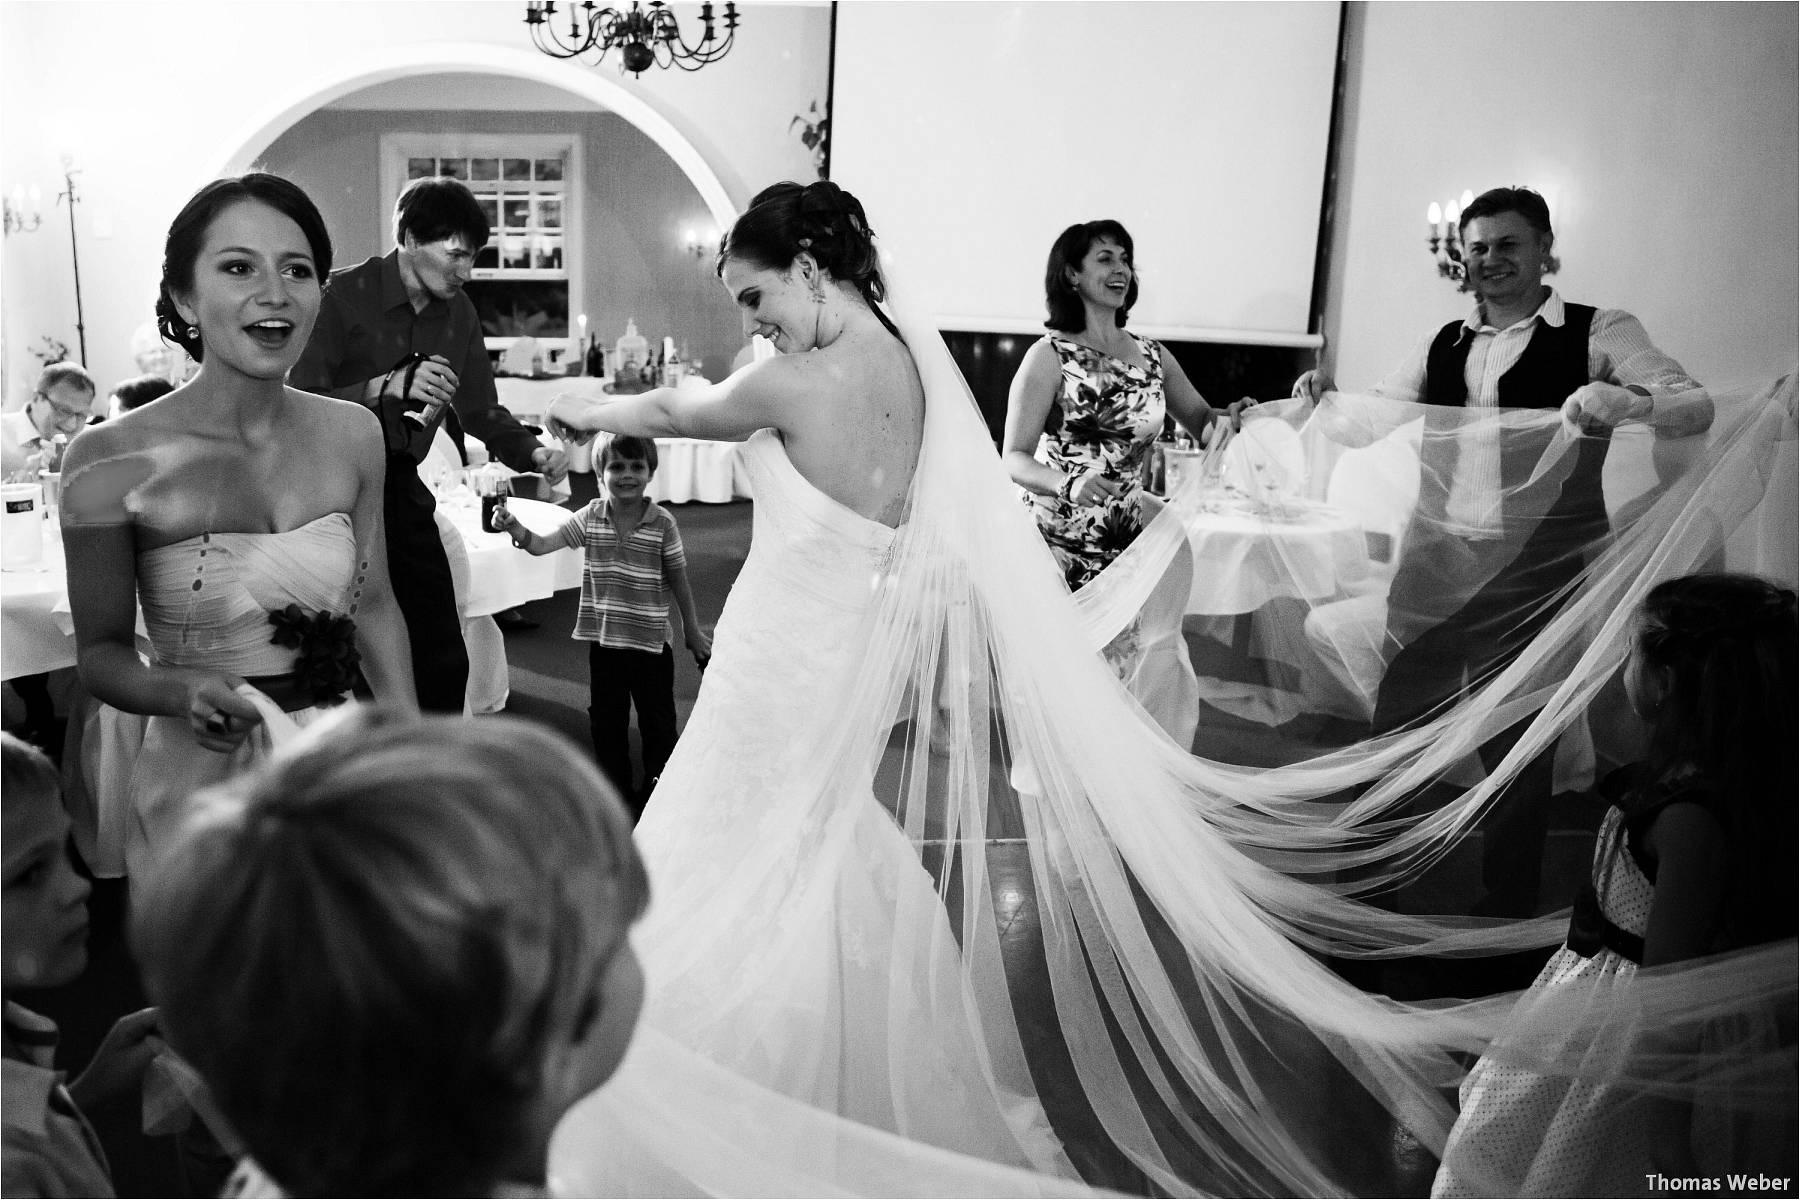 Hochzeitsfotograf Oldenburg: Russische Hochzeit im Standesamt am Pferdemarkt und Hochzeitsfeier im Landhaus Etzhorn (28)